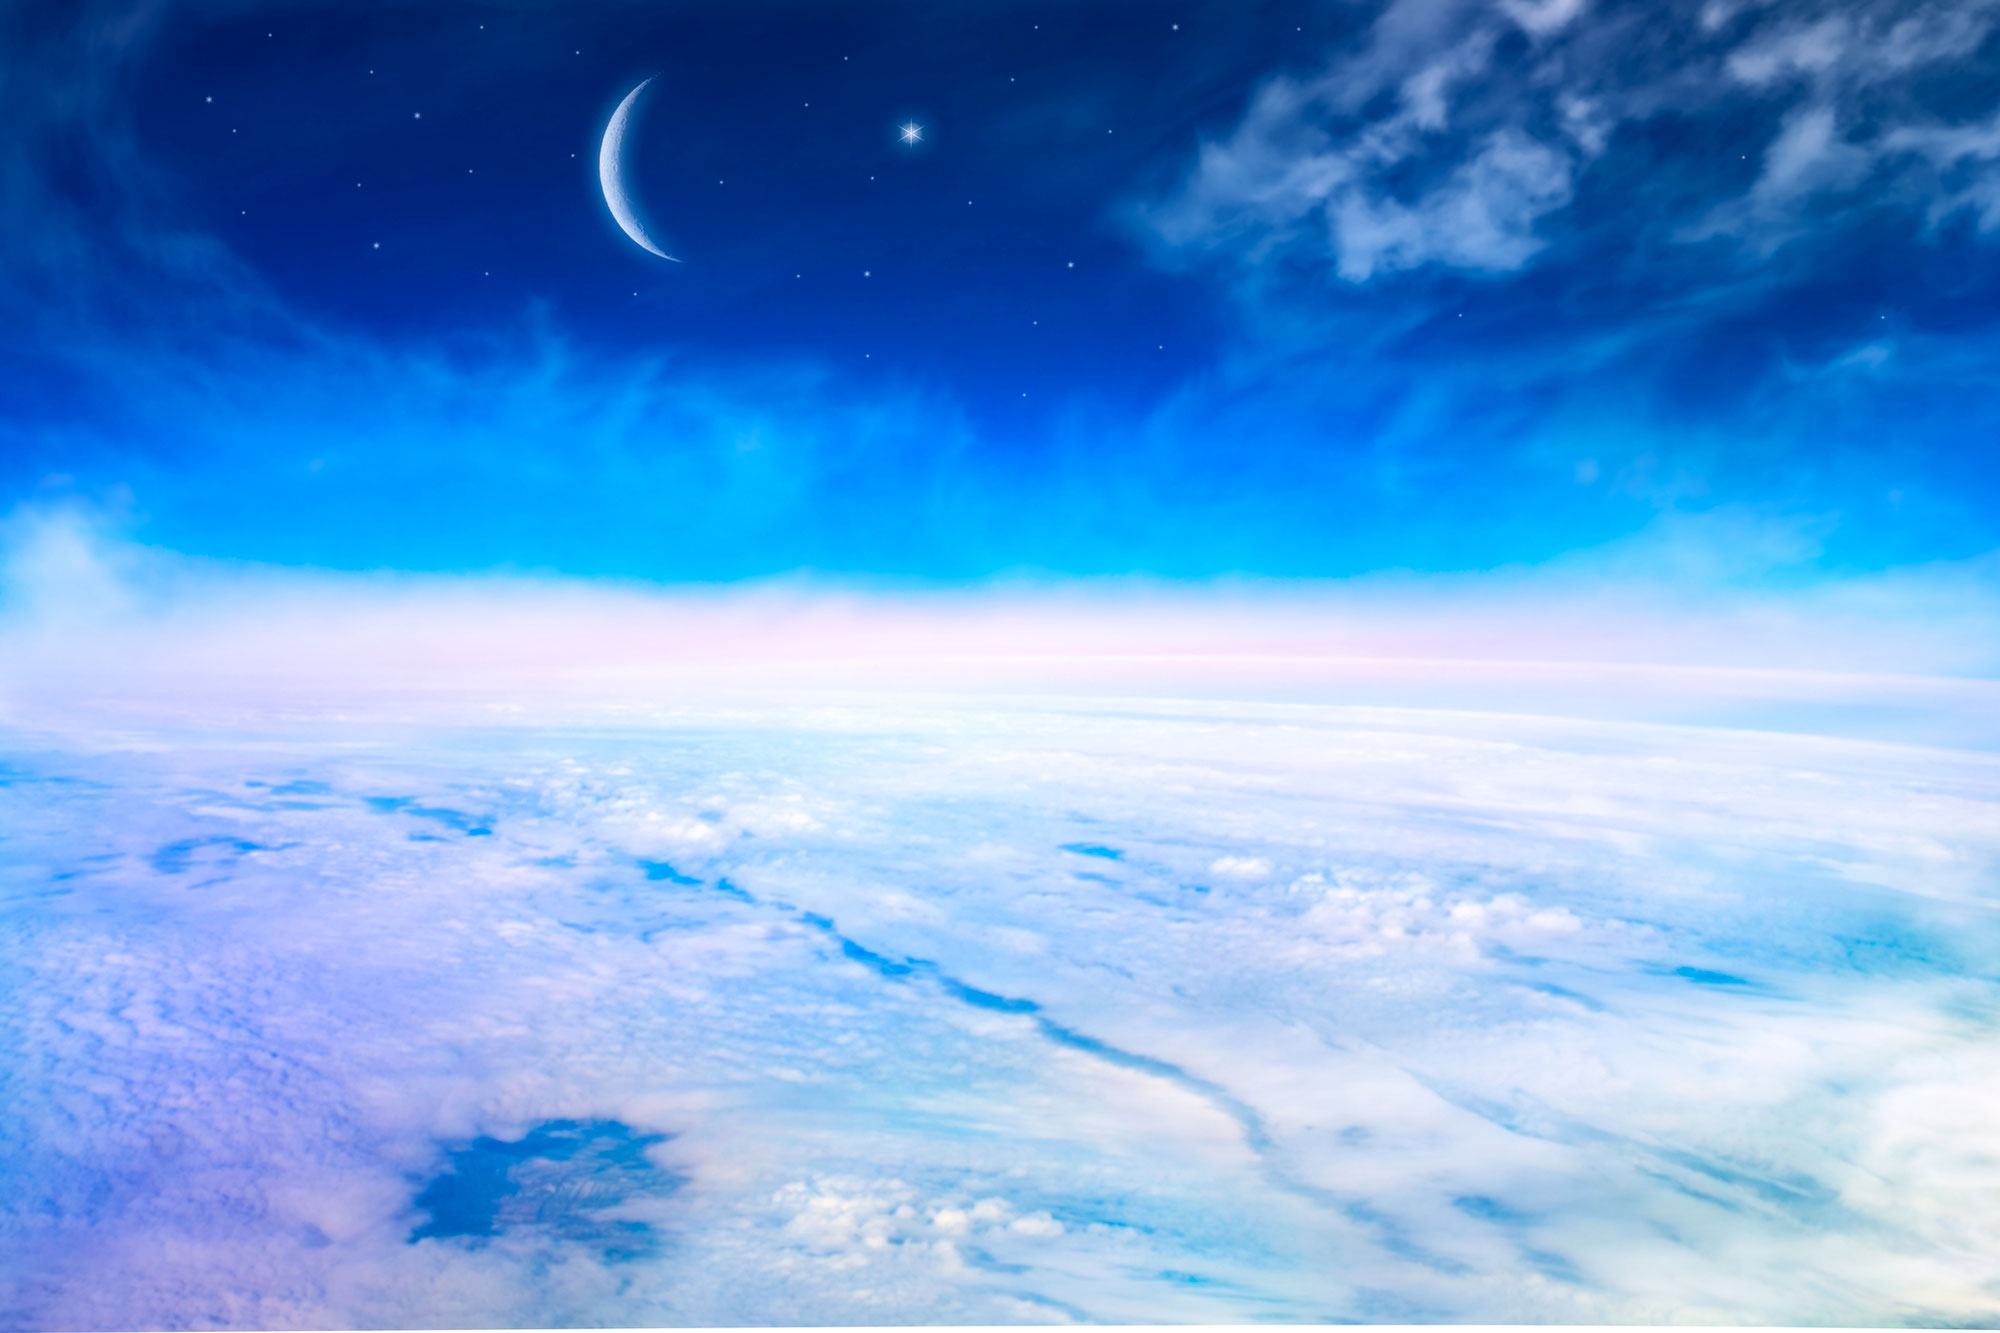 Energie update: De nieuwe Maan ♥ Fran Tielemans ♥ Lichtwerkers Nederland